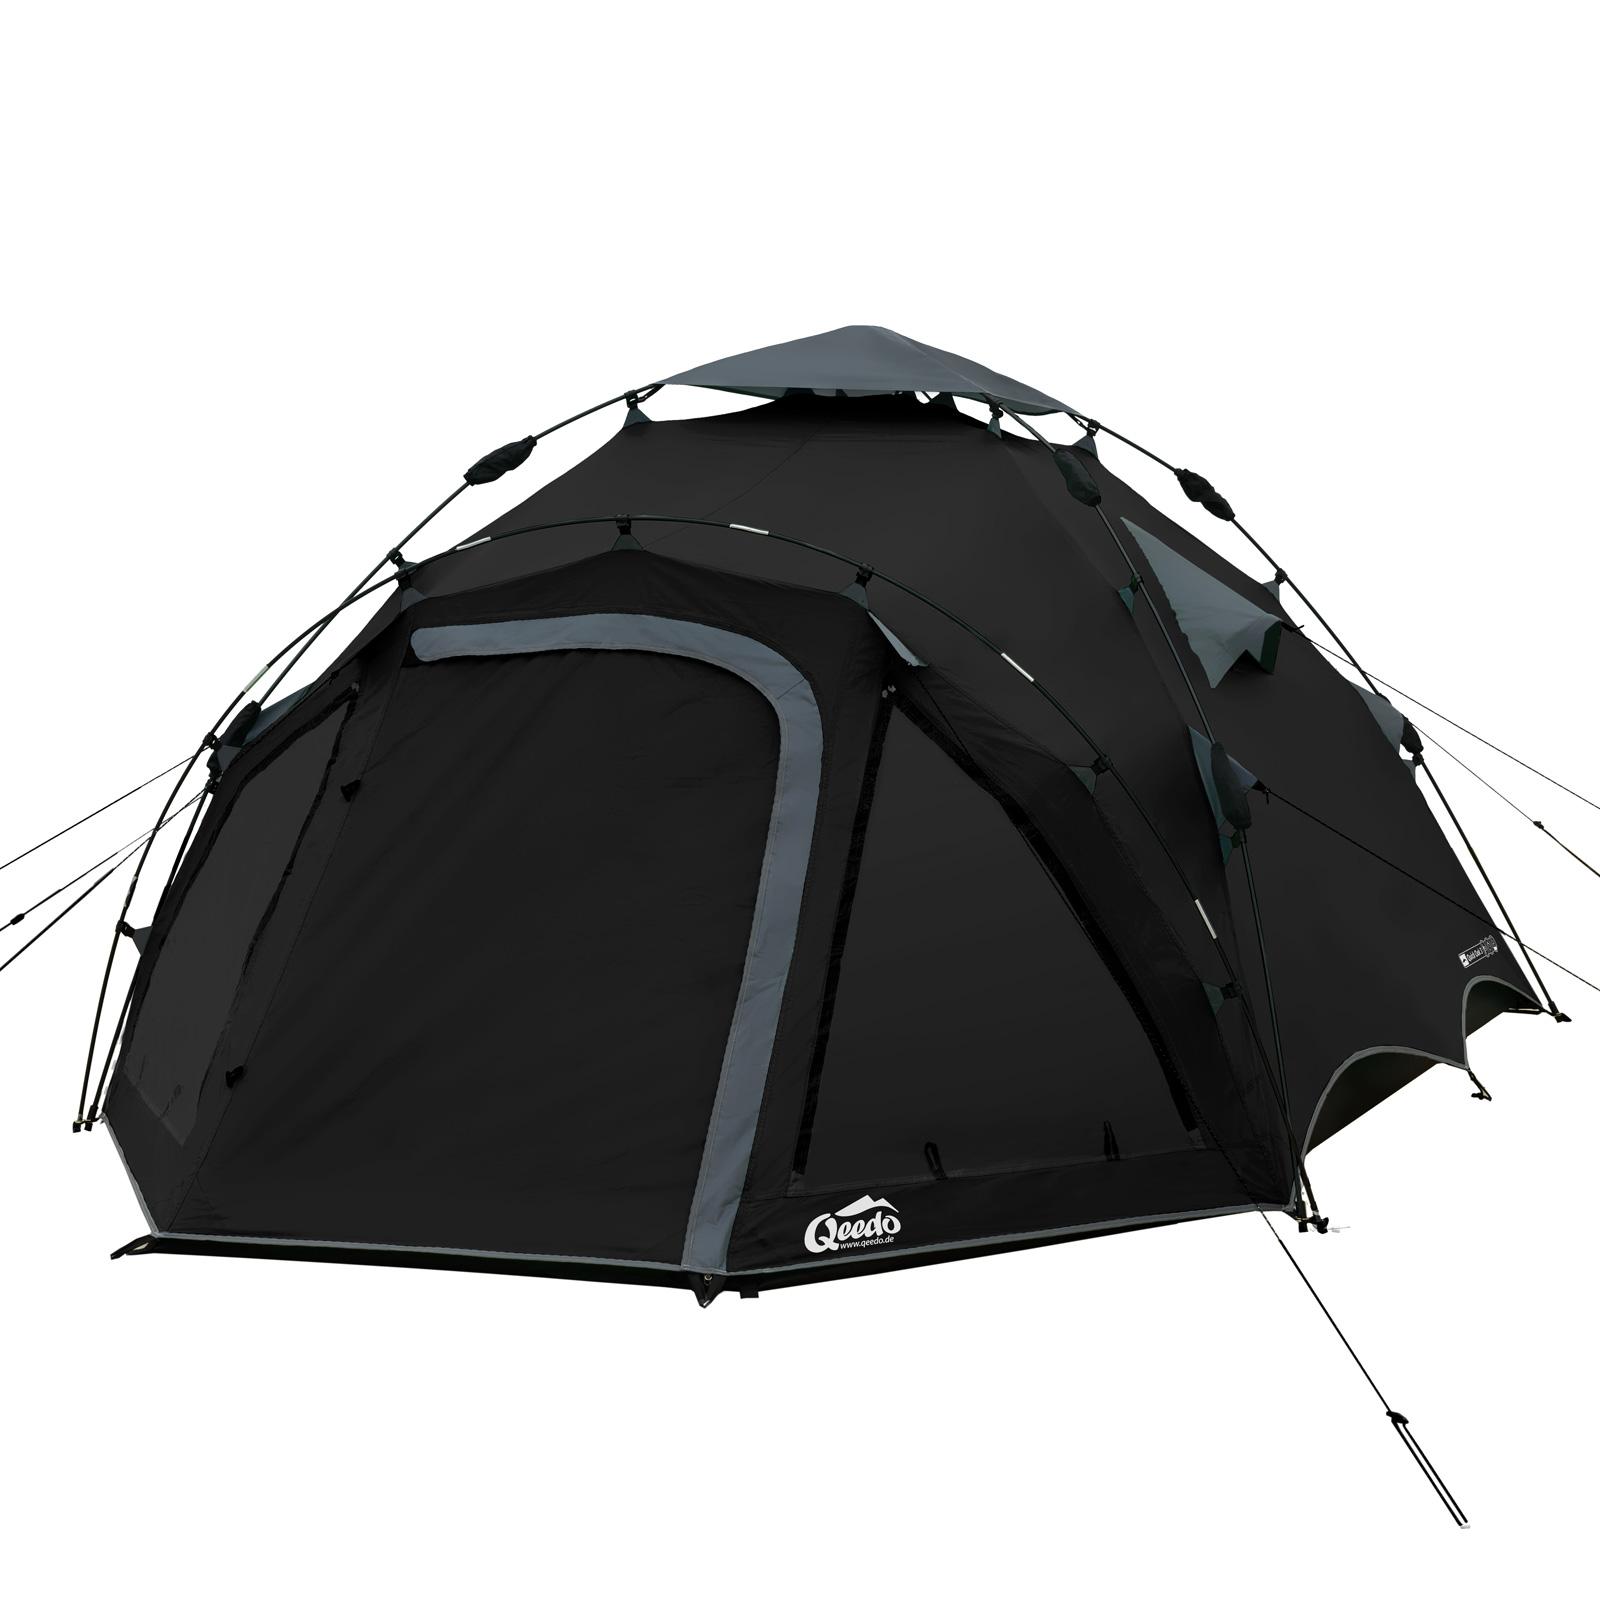 3 personen zelt qeedo quick oak 3 sekundenzelt campingzelt wurfzelt pop up zelt ebay. Black Bedroom Furniture Sets. Home Design Ideas